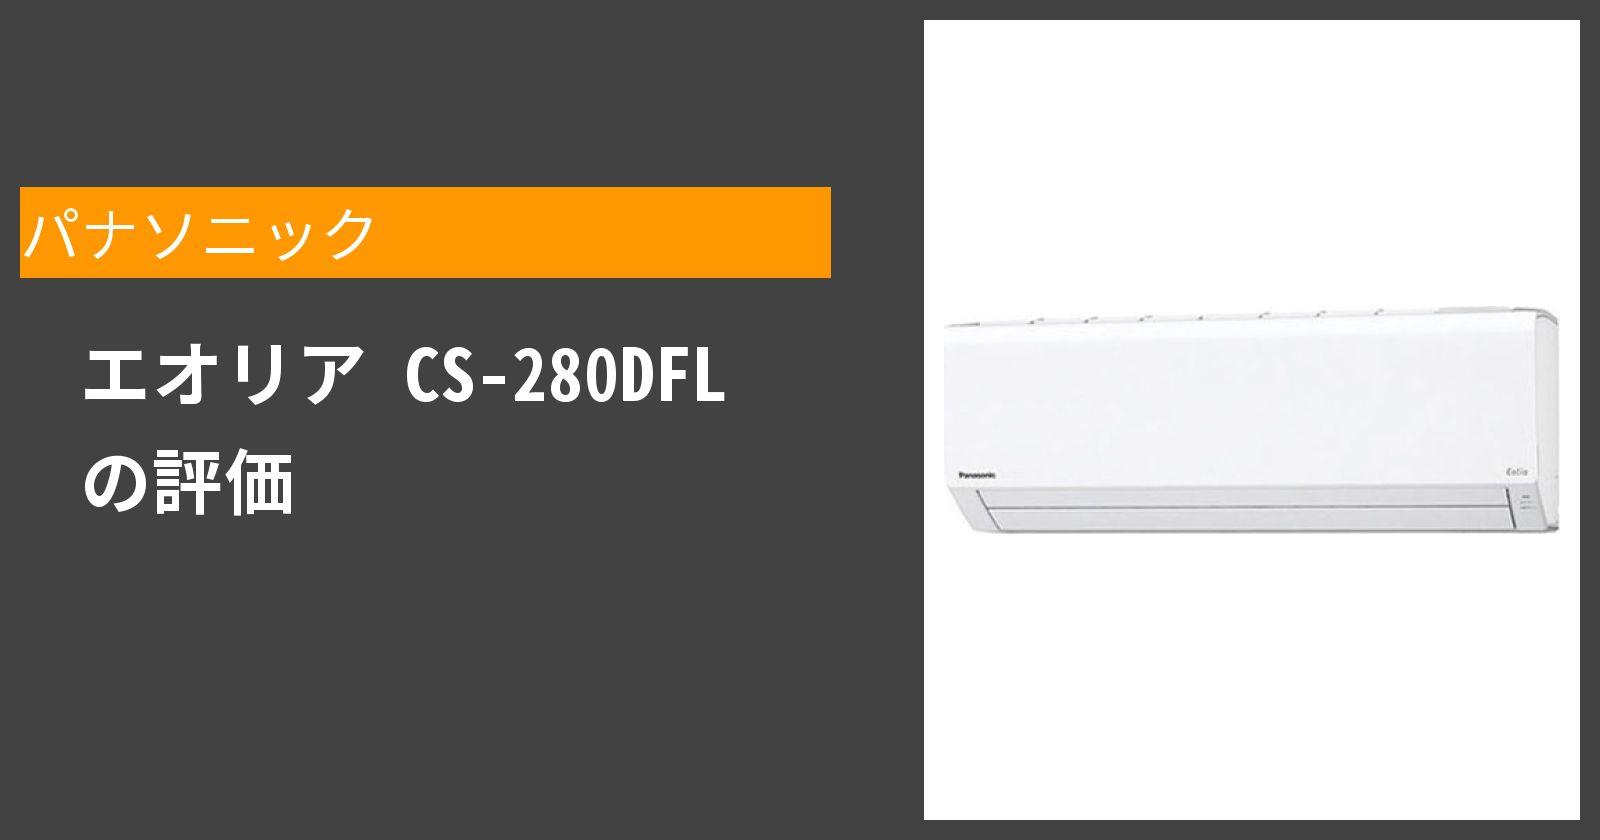 エオリア CS-280DFLを徹底評価